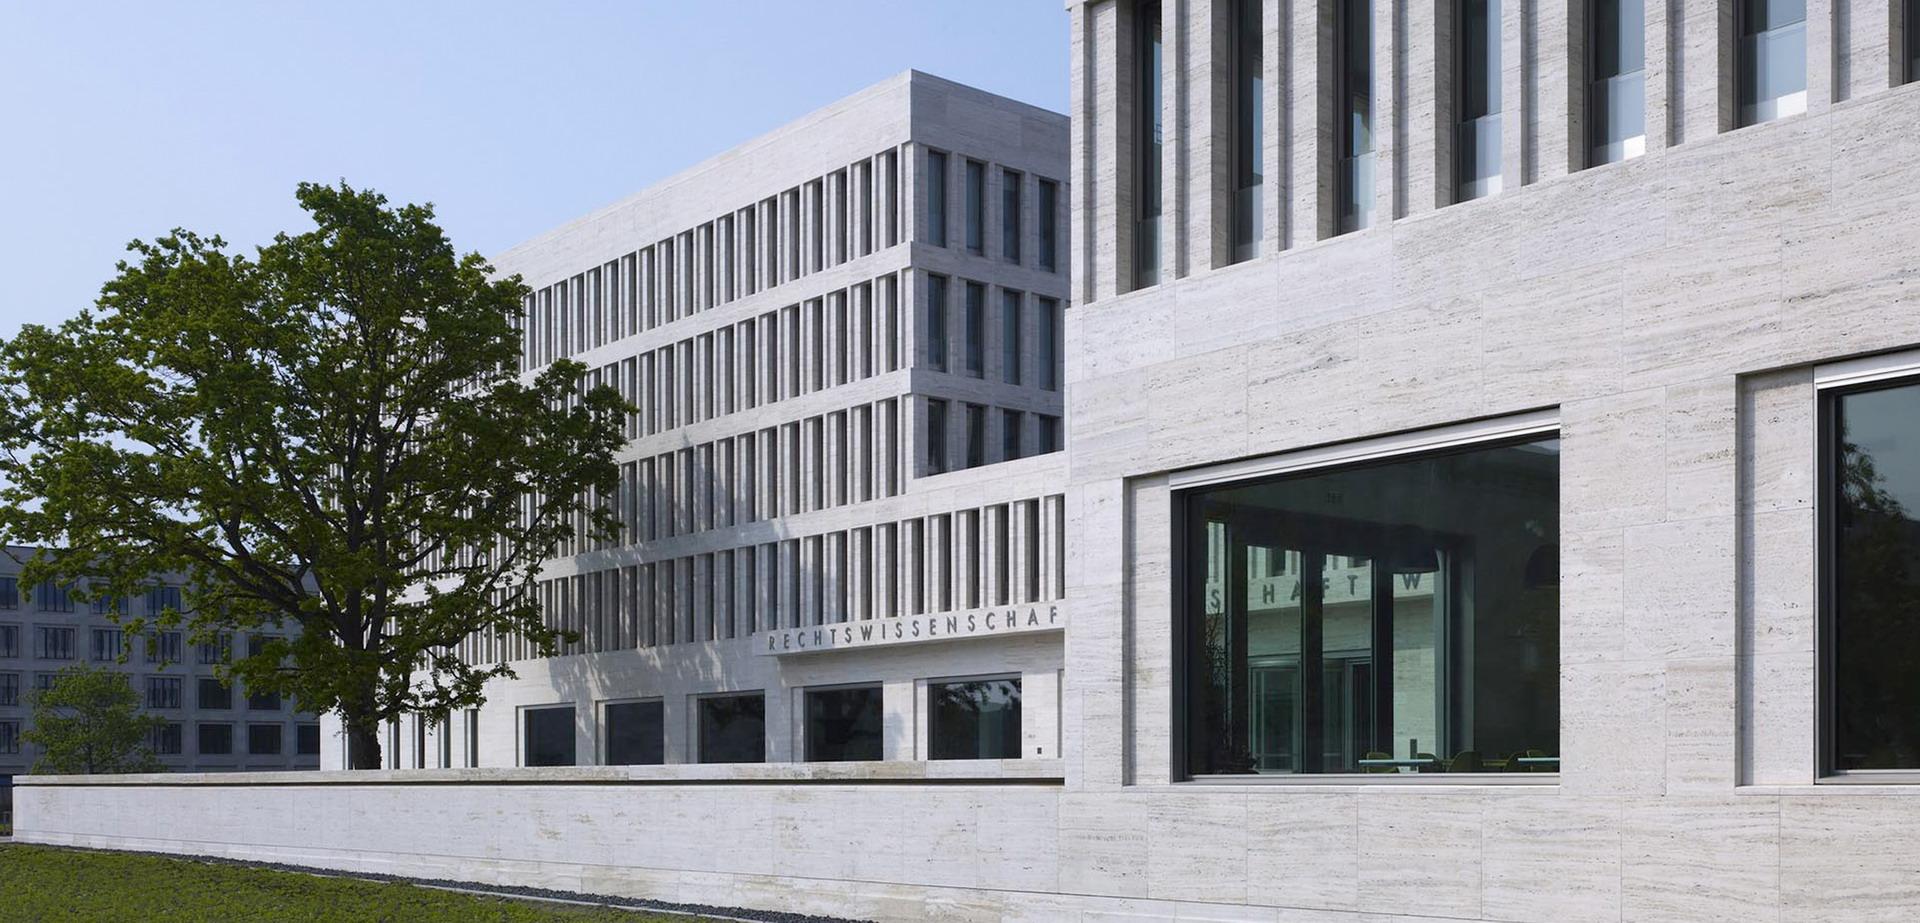 200-ruw-fakultaeten-recht-wirtschaft-campus-i-frankfurt-haupeingang3_01_ridimensionare